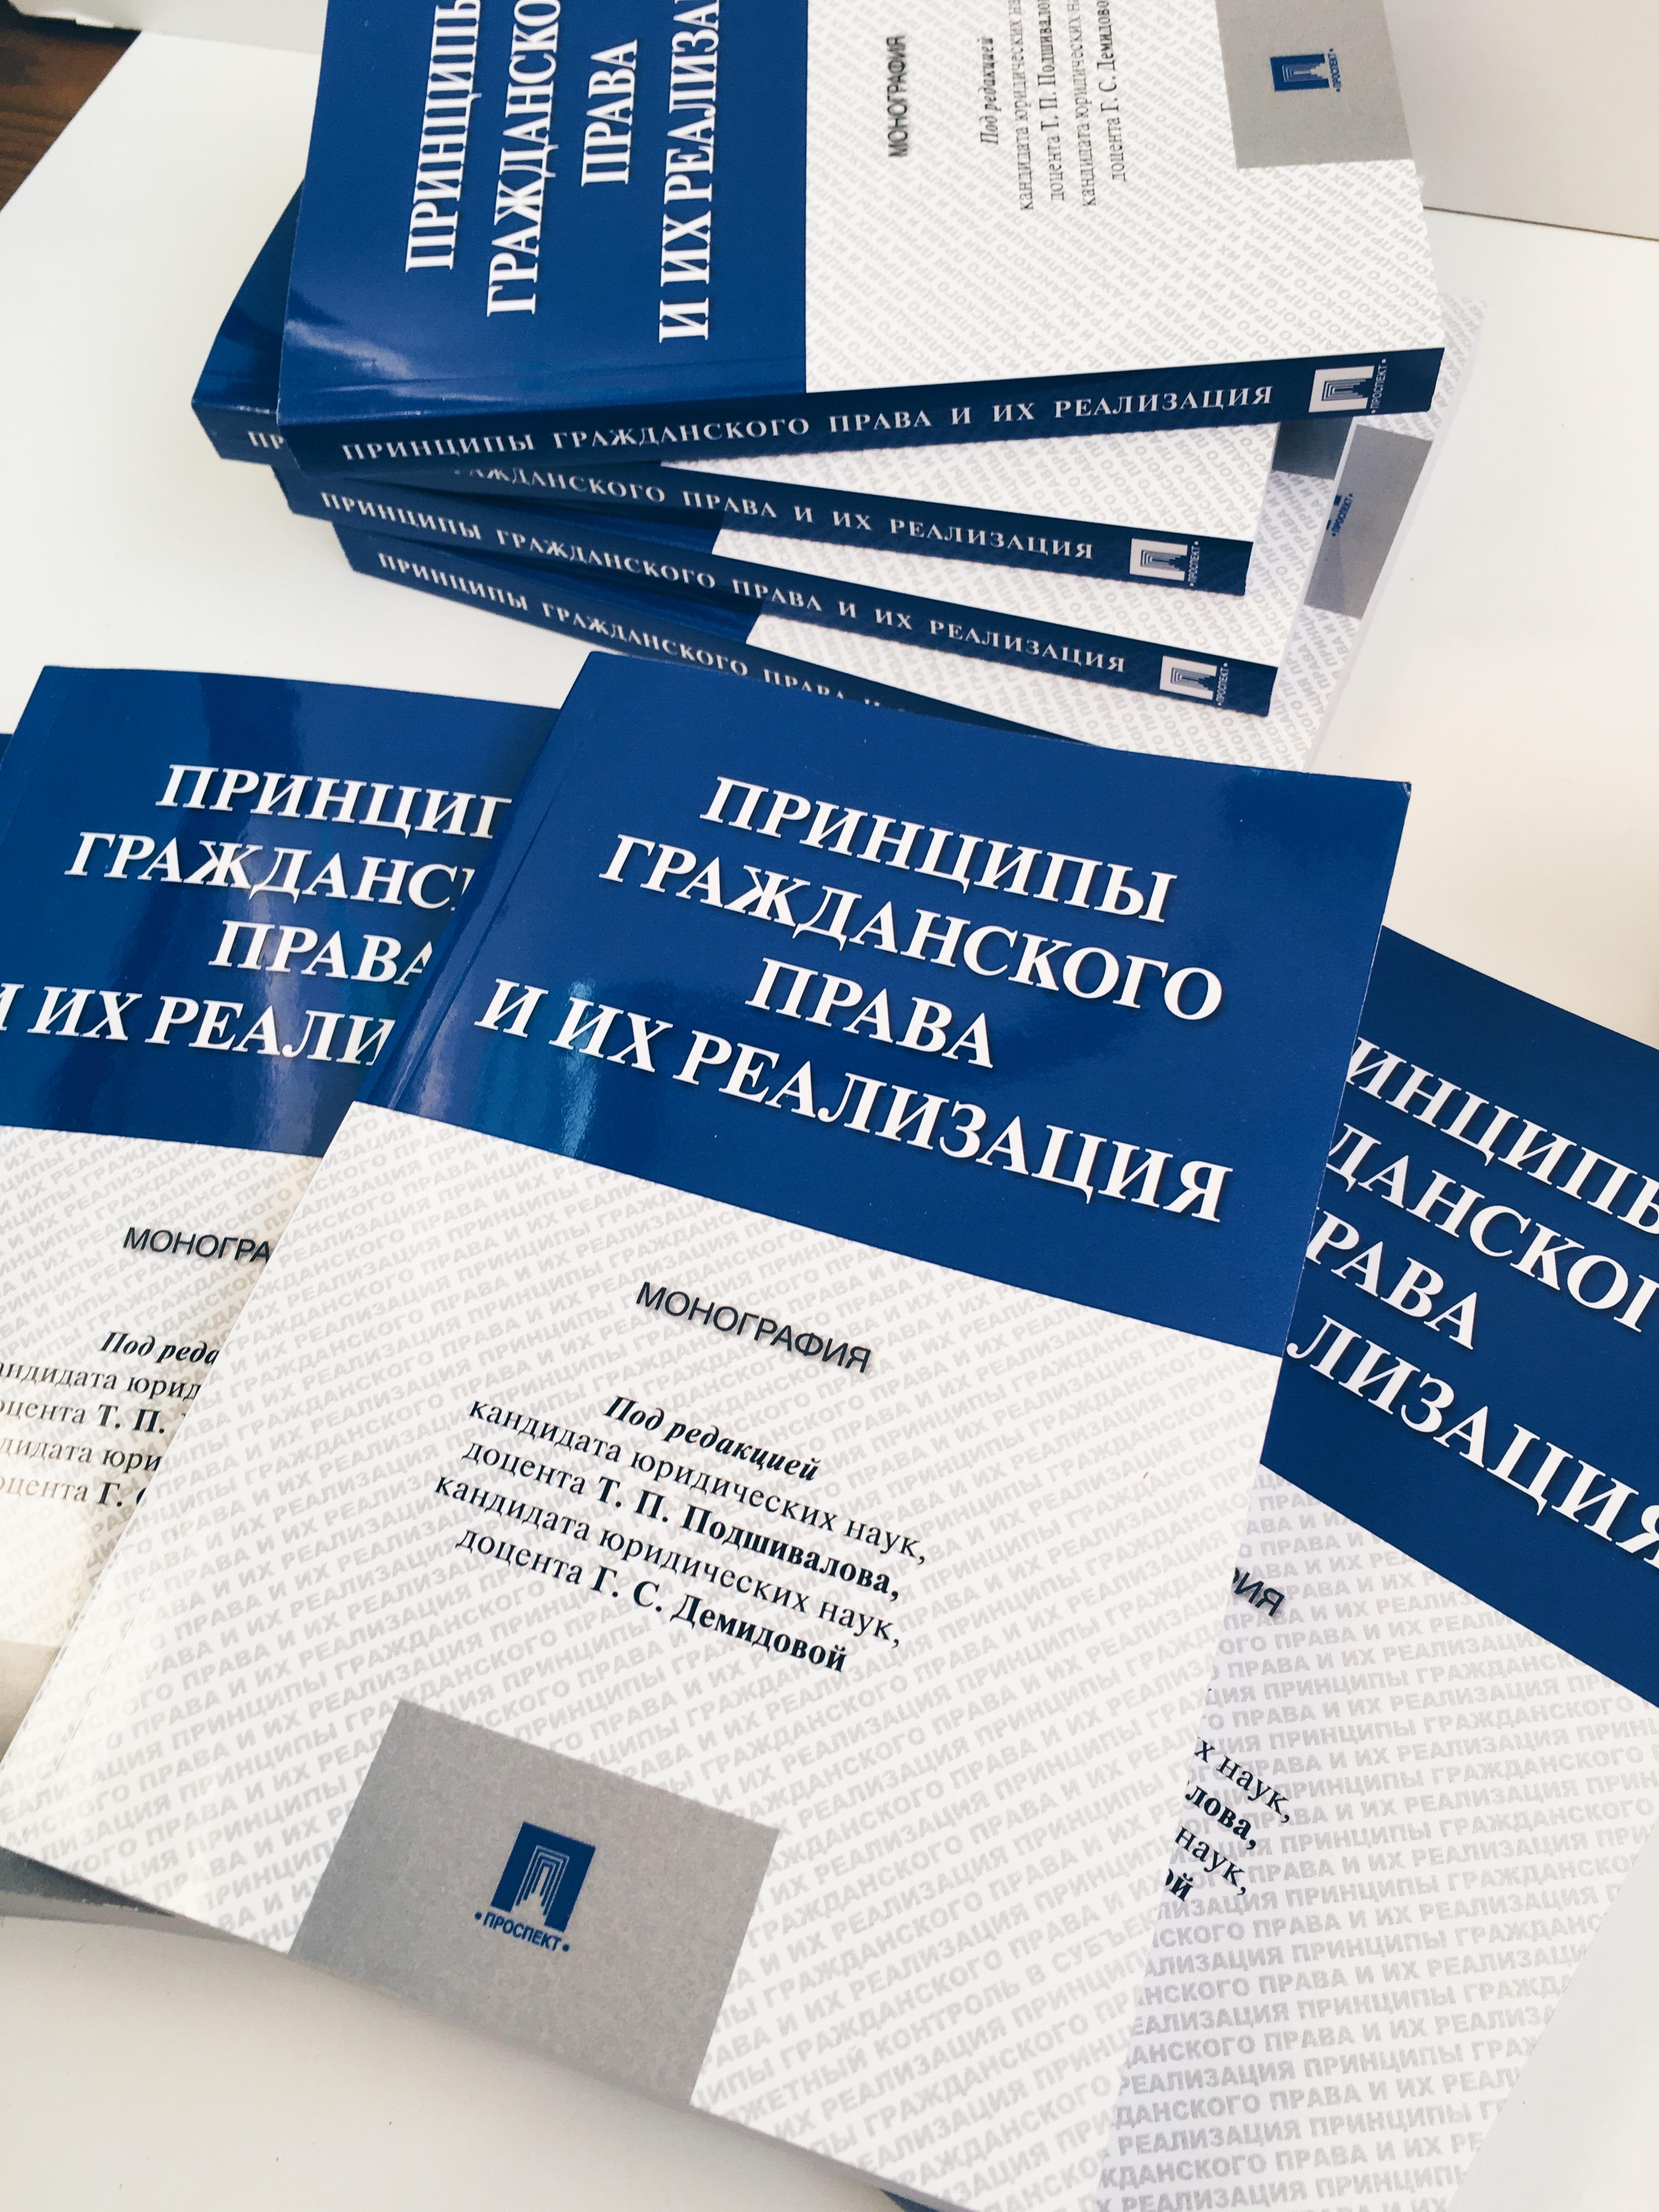 Банк «Югра» в суде с ЦБ РФ сослался на научные разработки ученых-юристов ЮУрГУ